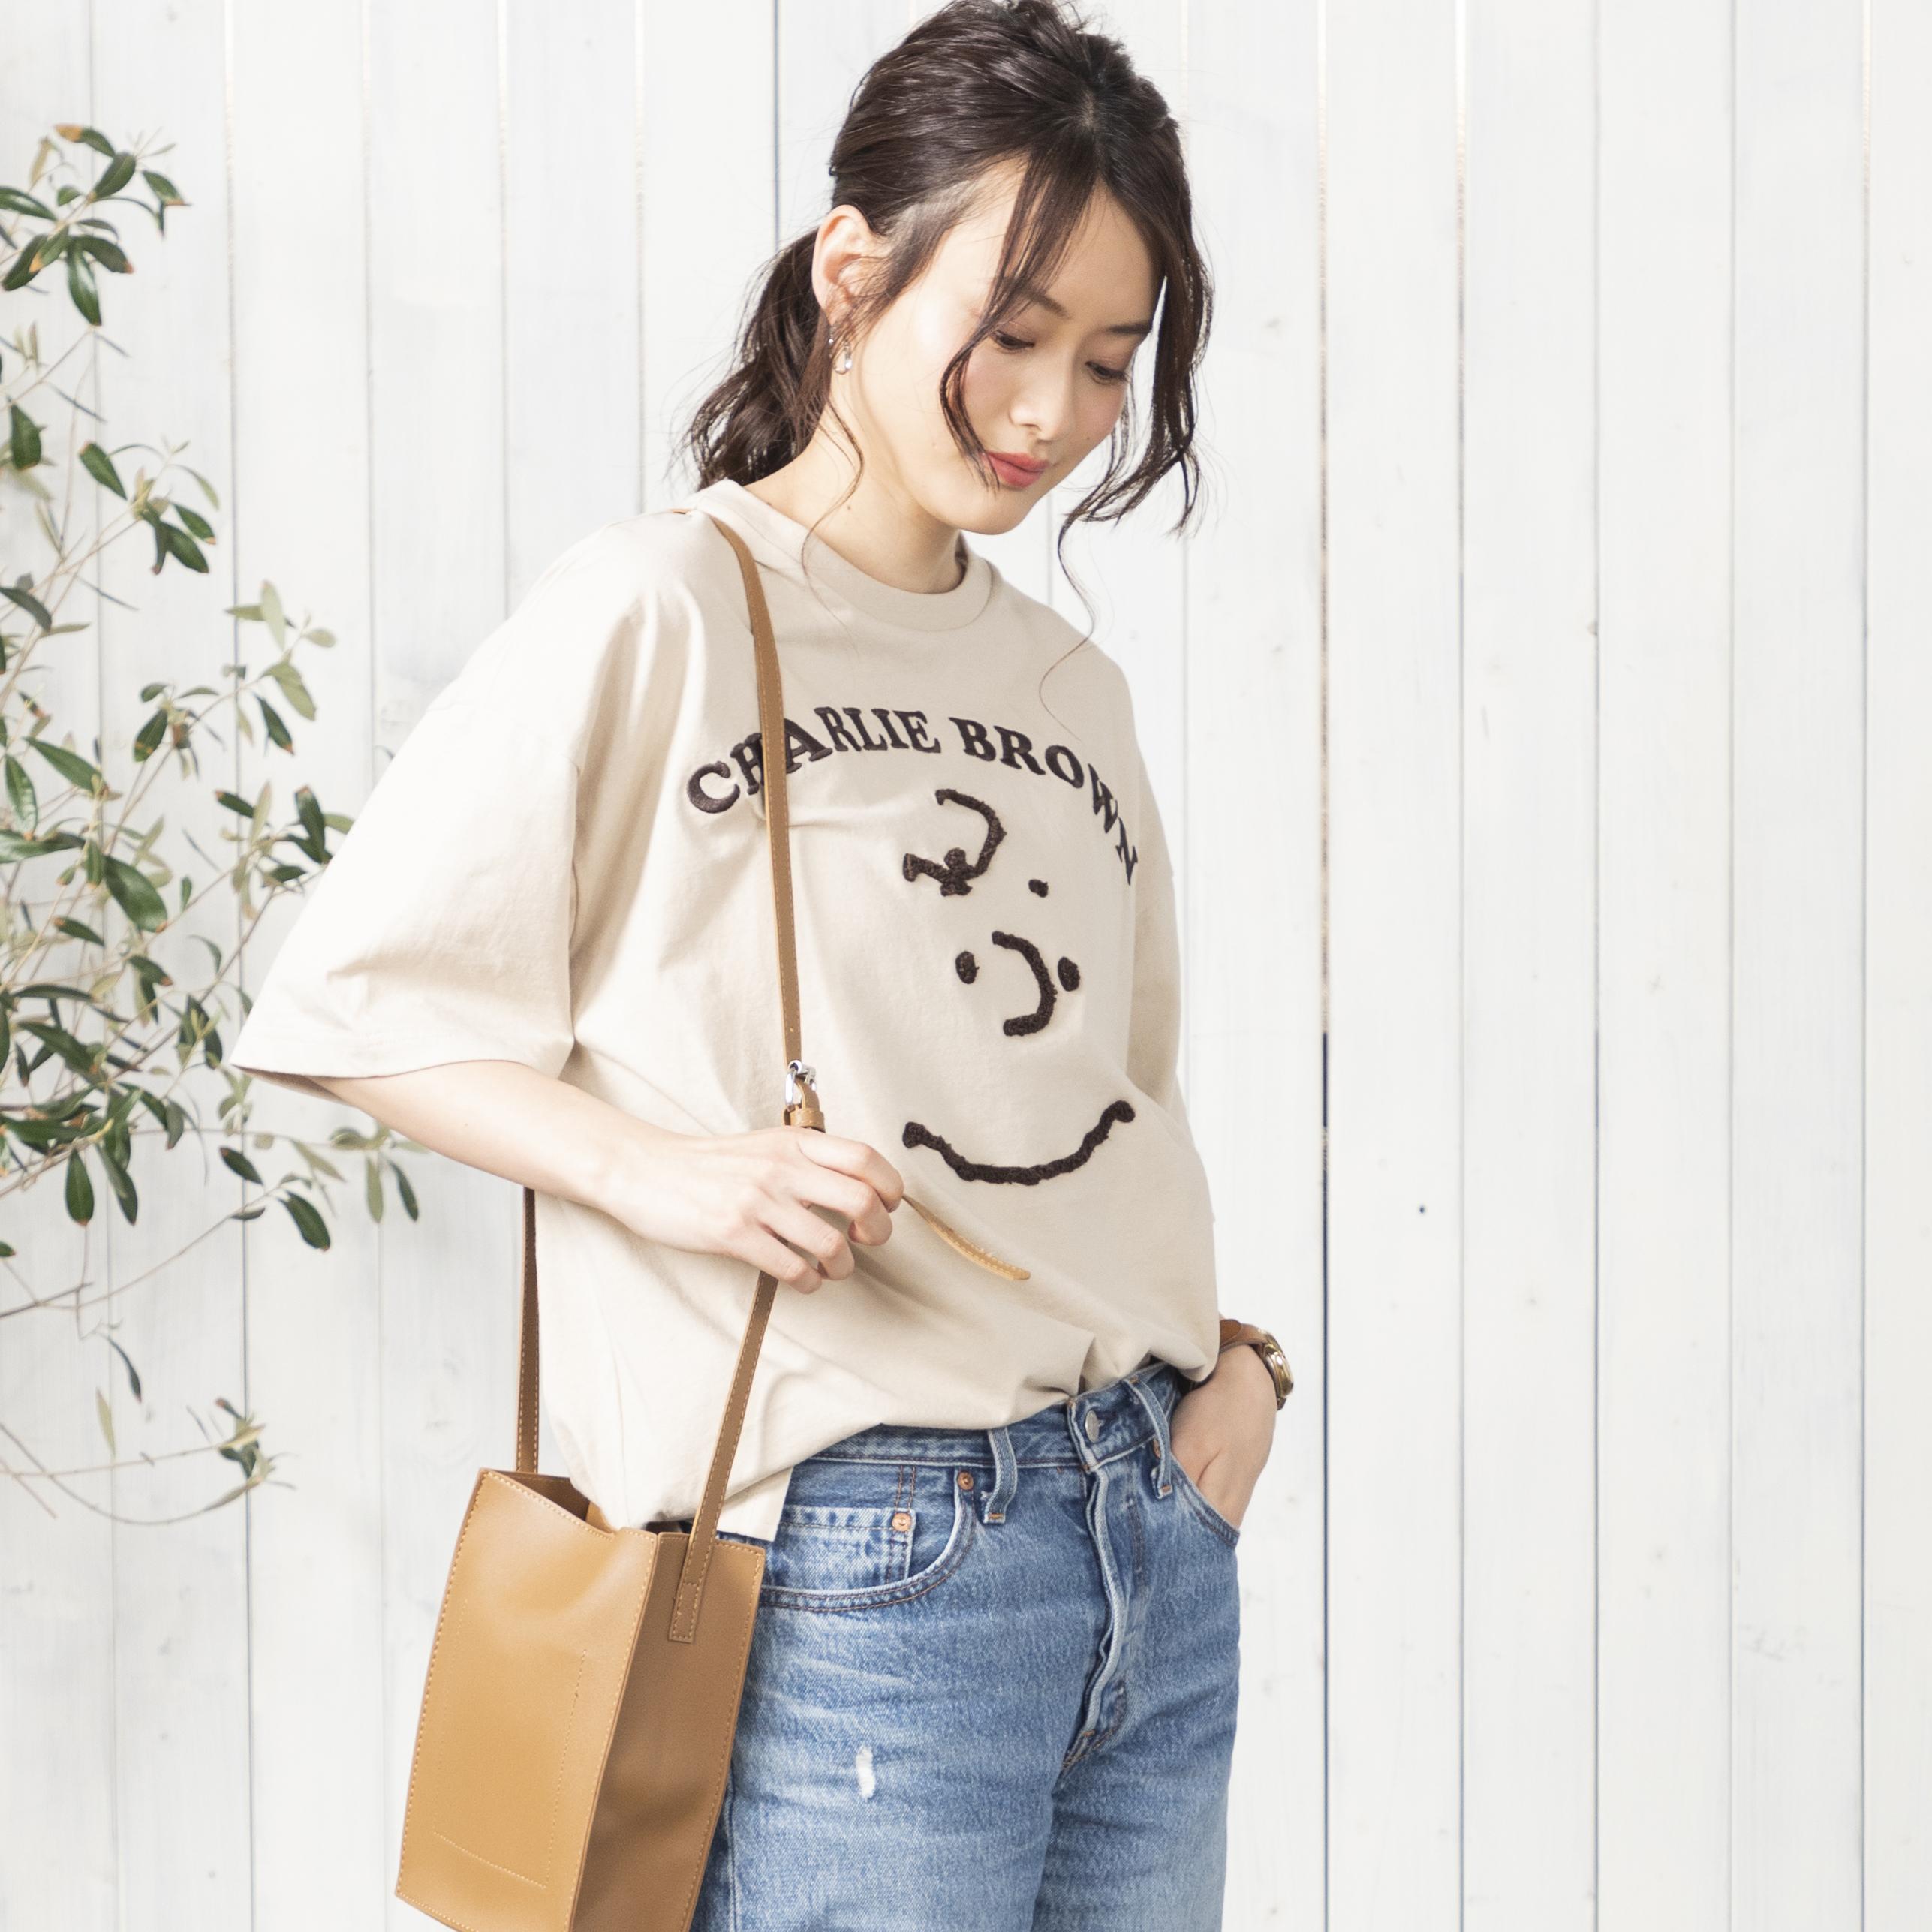 【スヌーピー】オーバーシルエット チャーリーブラウンFACE Tシャツ NO0530127